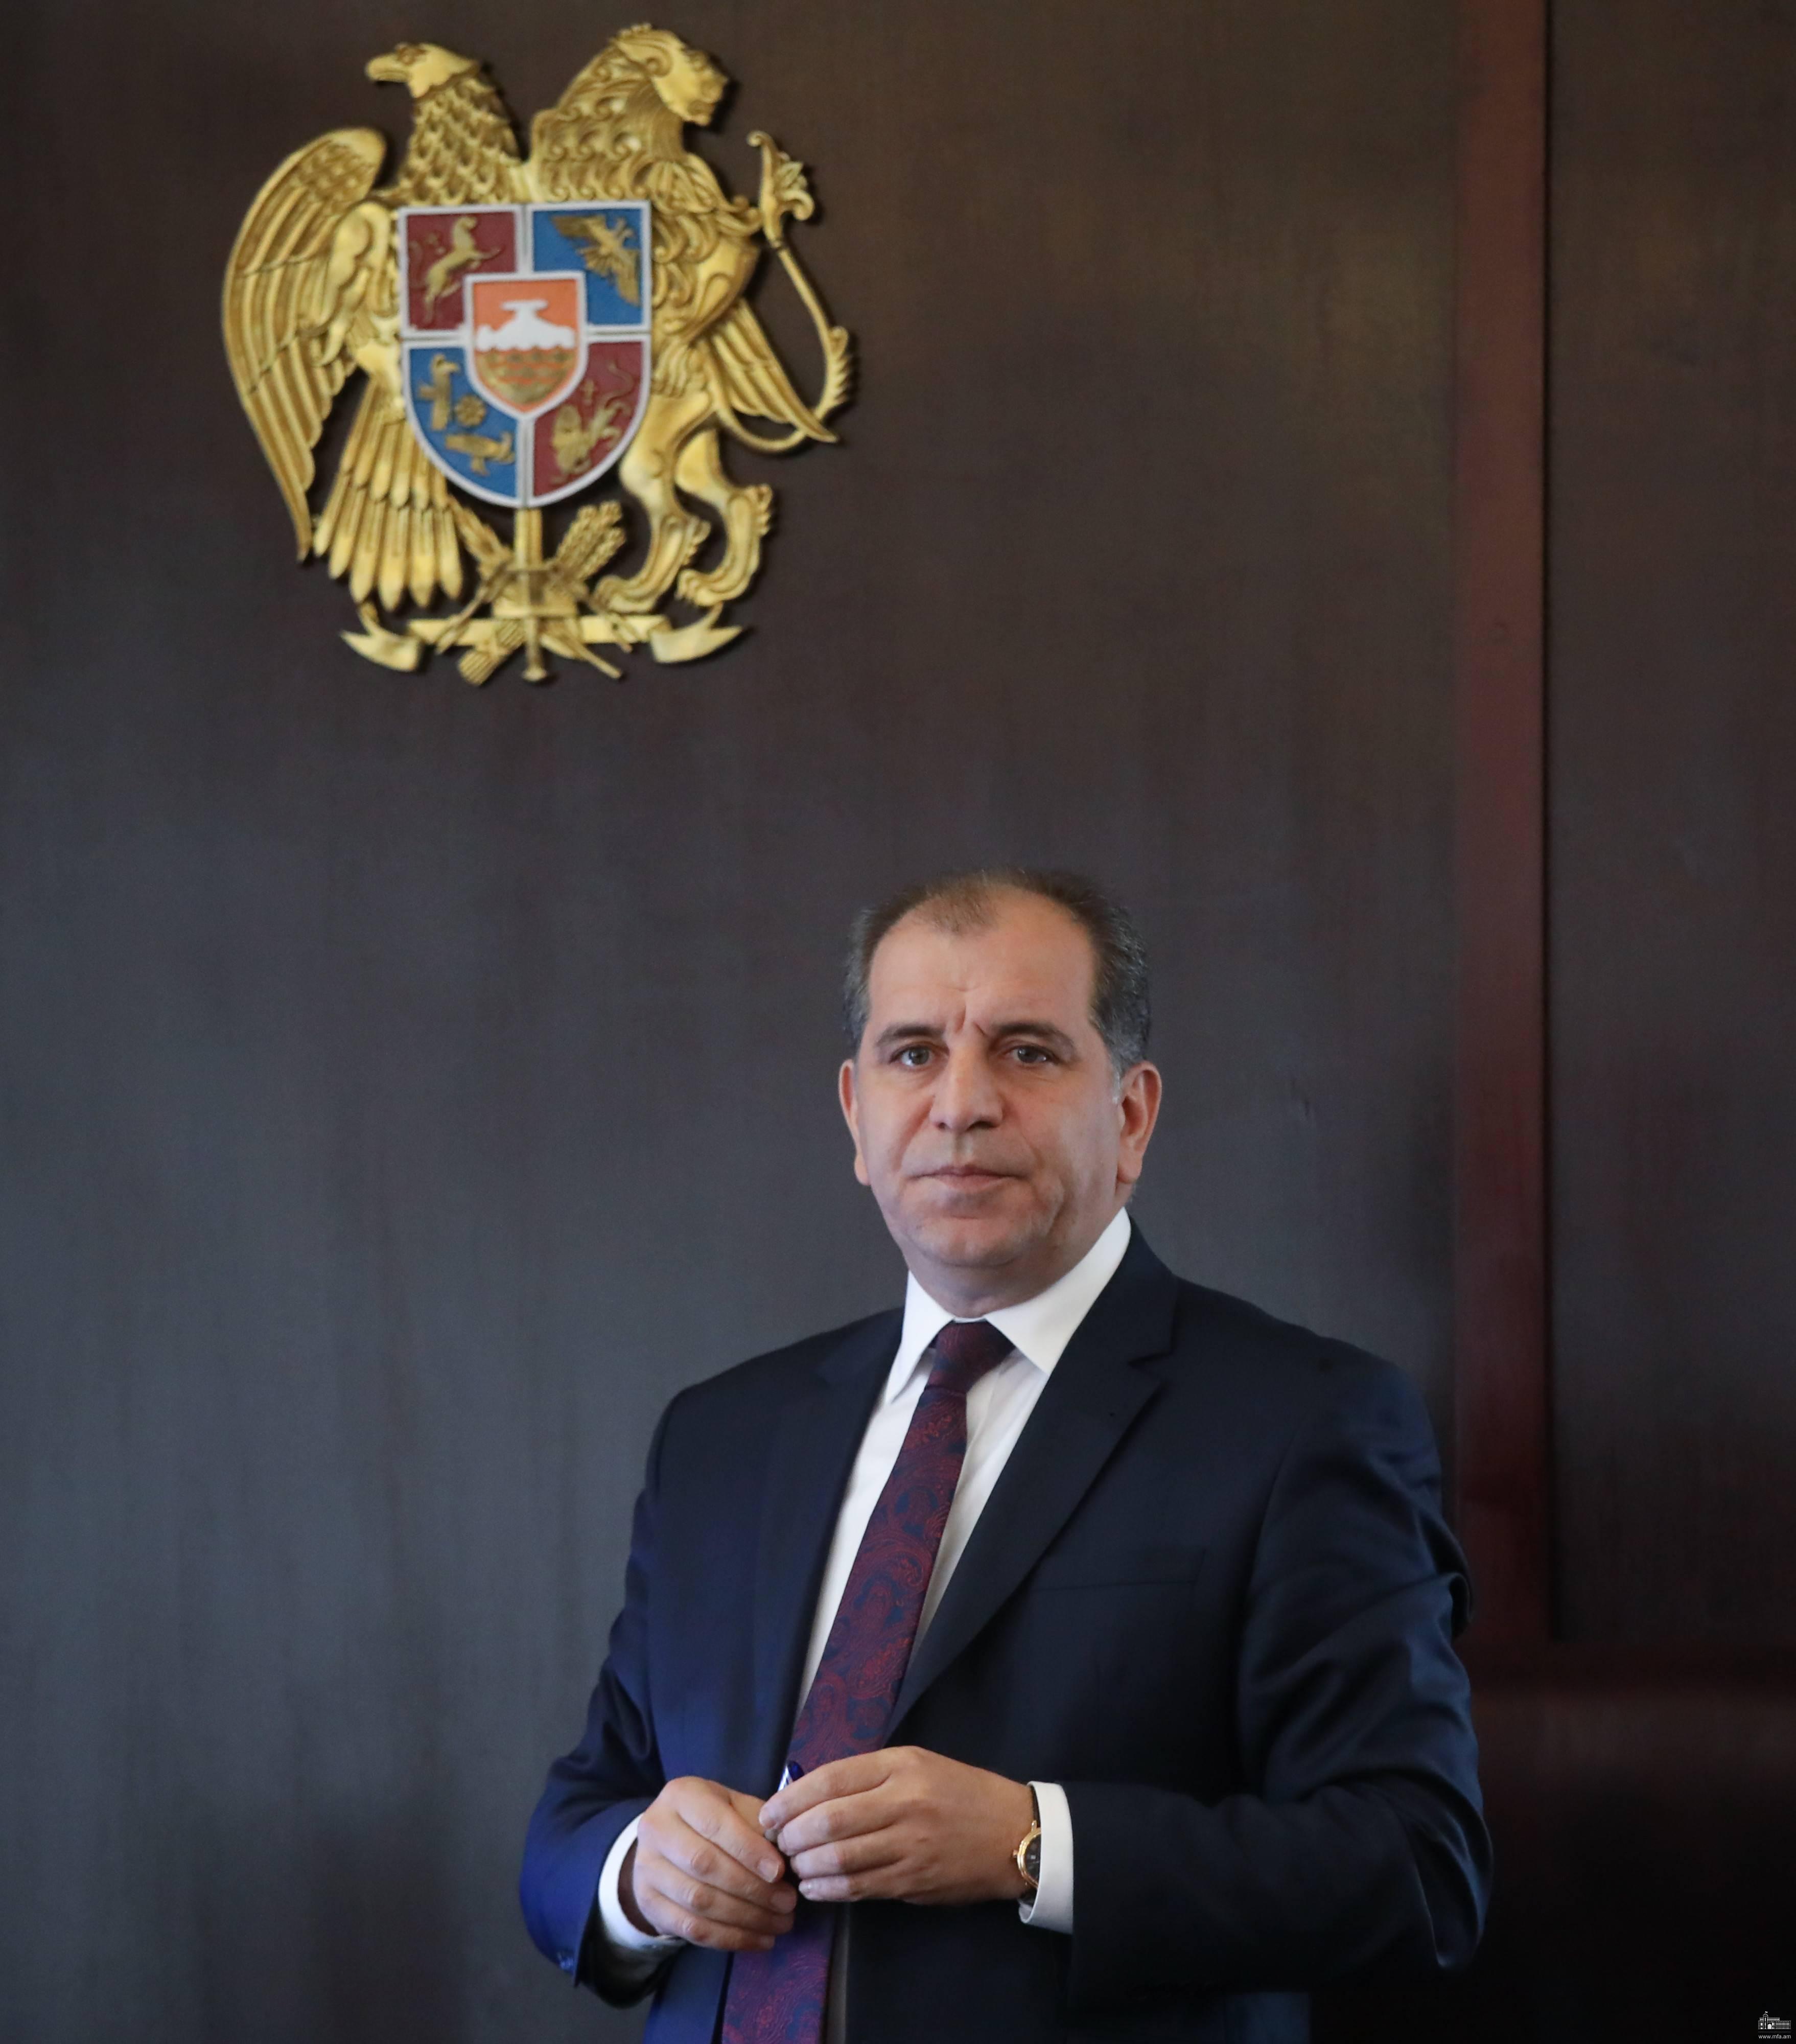 Photo of ՀՀ վարչապետի որոշումը Արմեն Ղևոնդյանին արտաքին գործերի նախարարի տեղակալ նշանակելու մասին